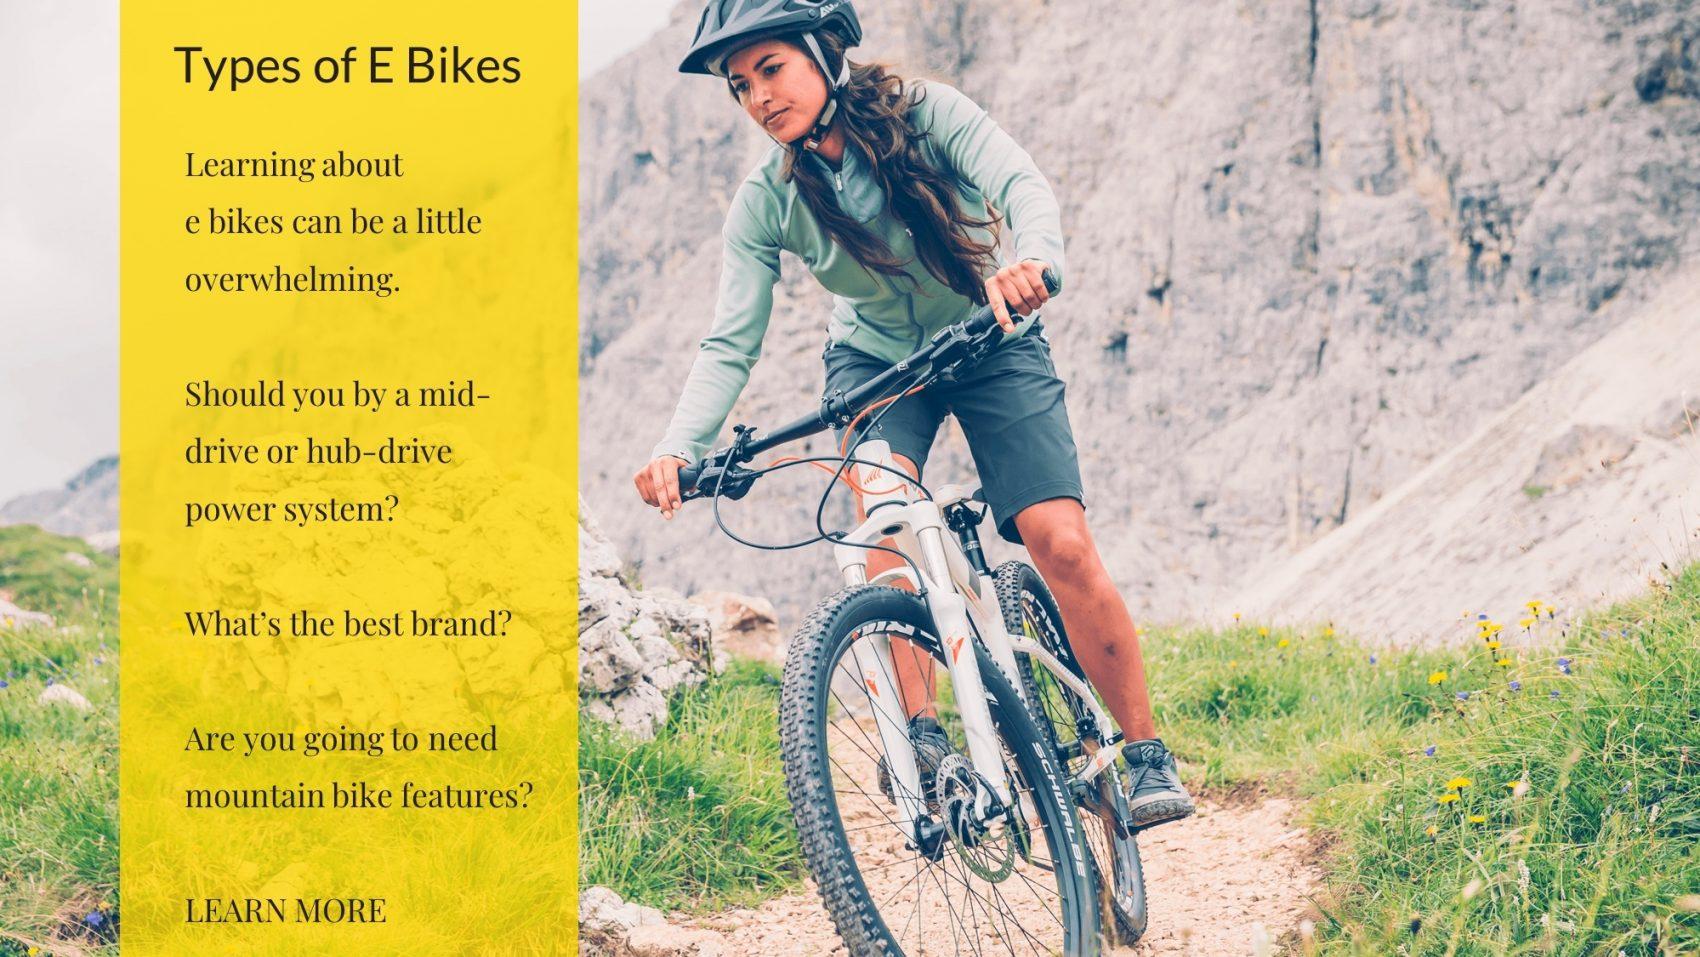 Types of E Bikes